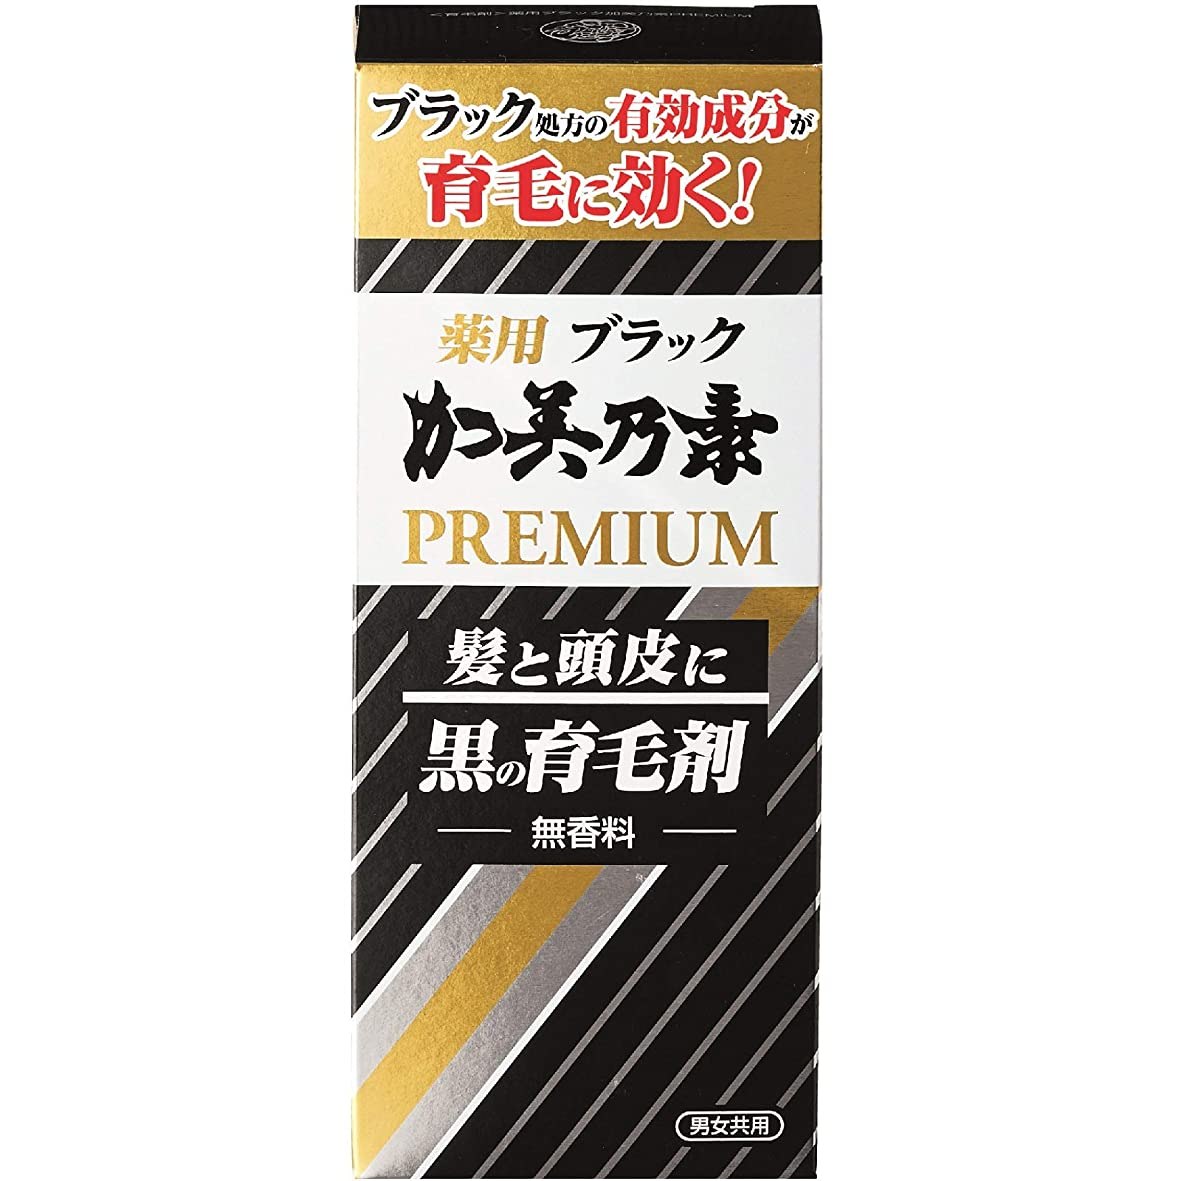 百上向きあいさつ薬用ブラック加美乃素 PREMIUM 180ml